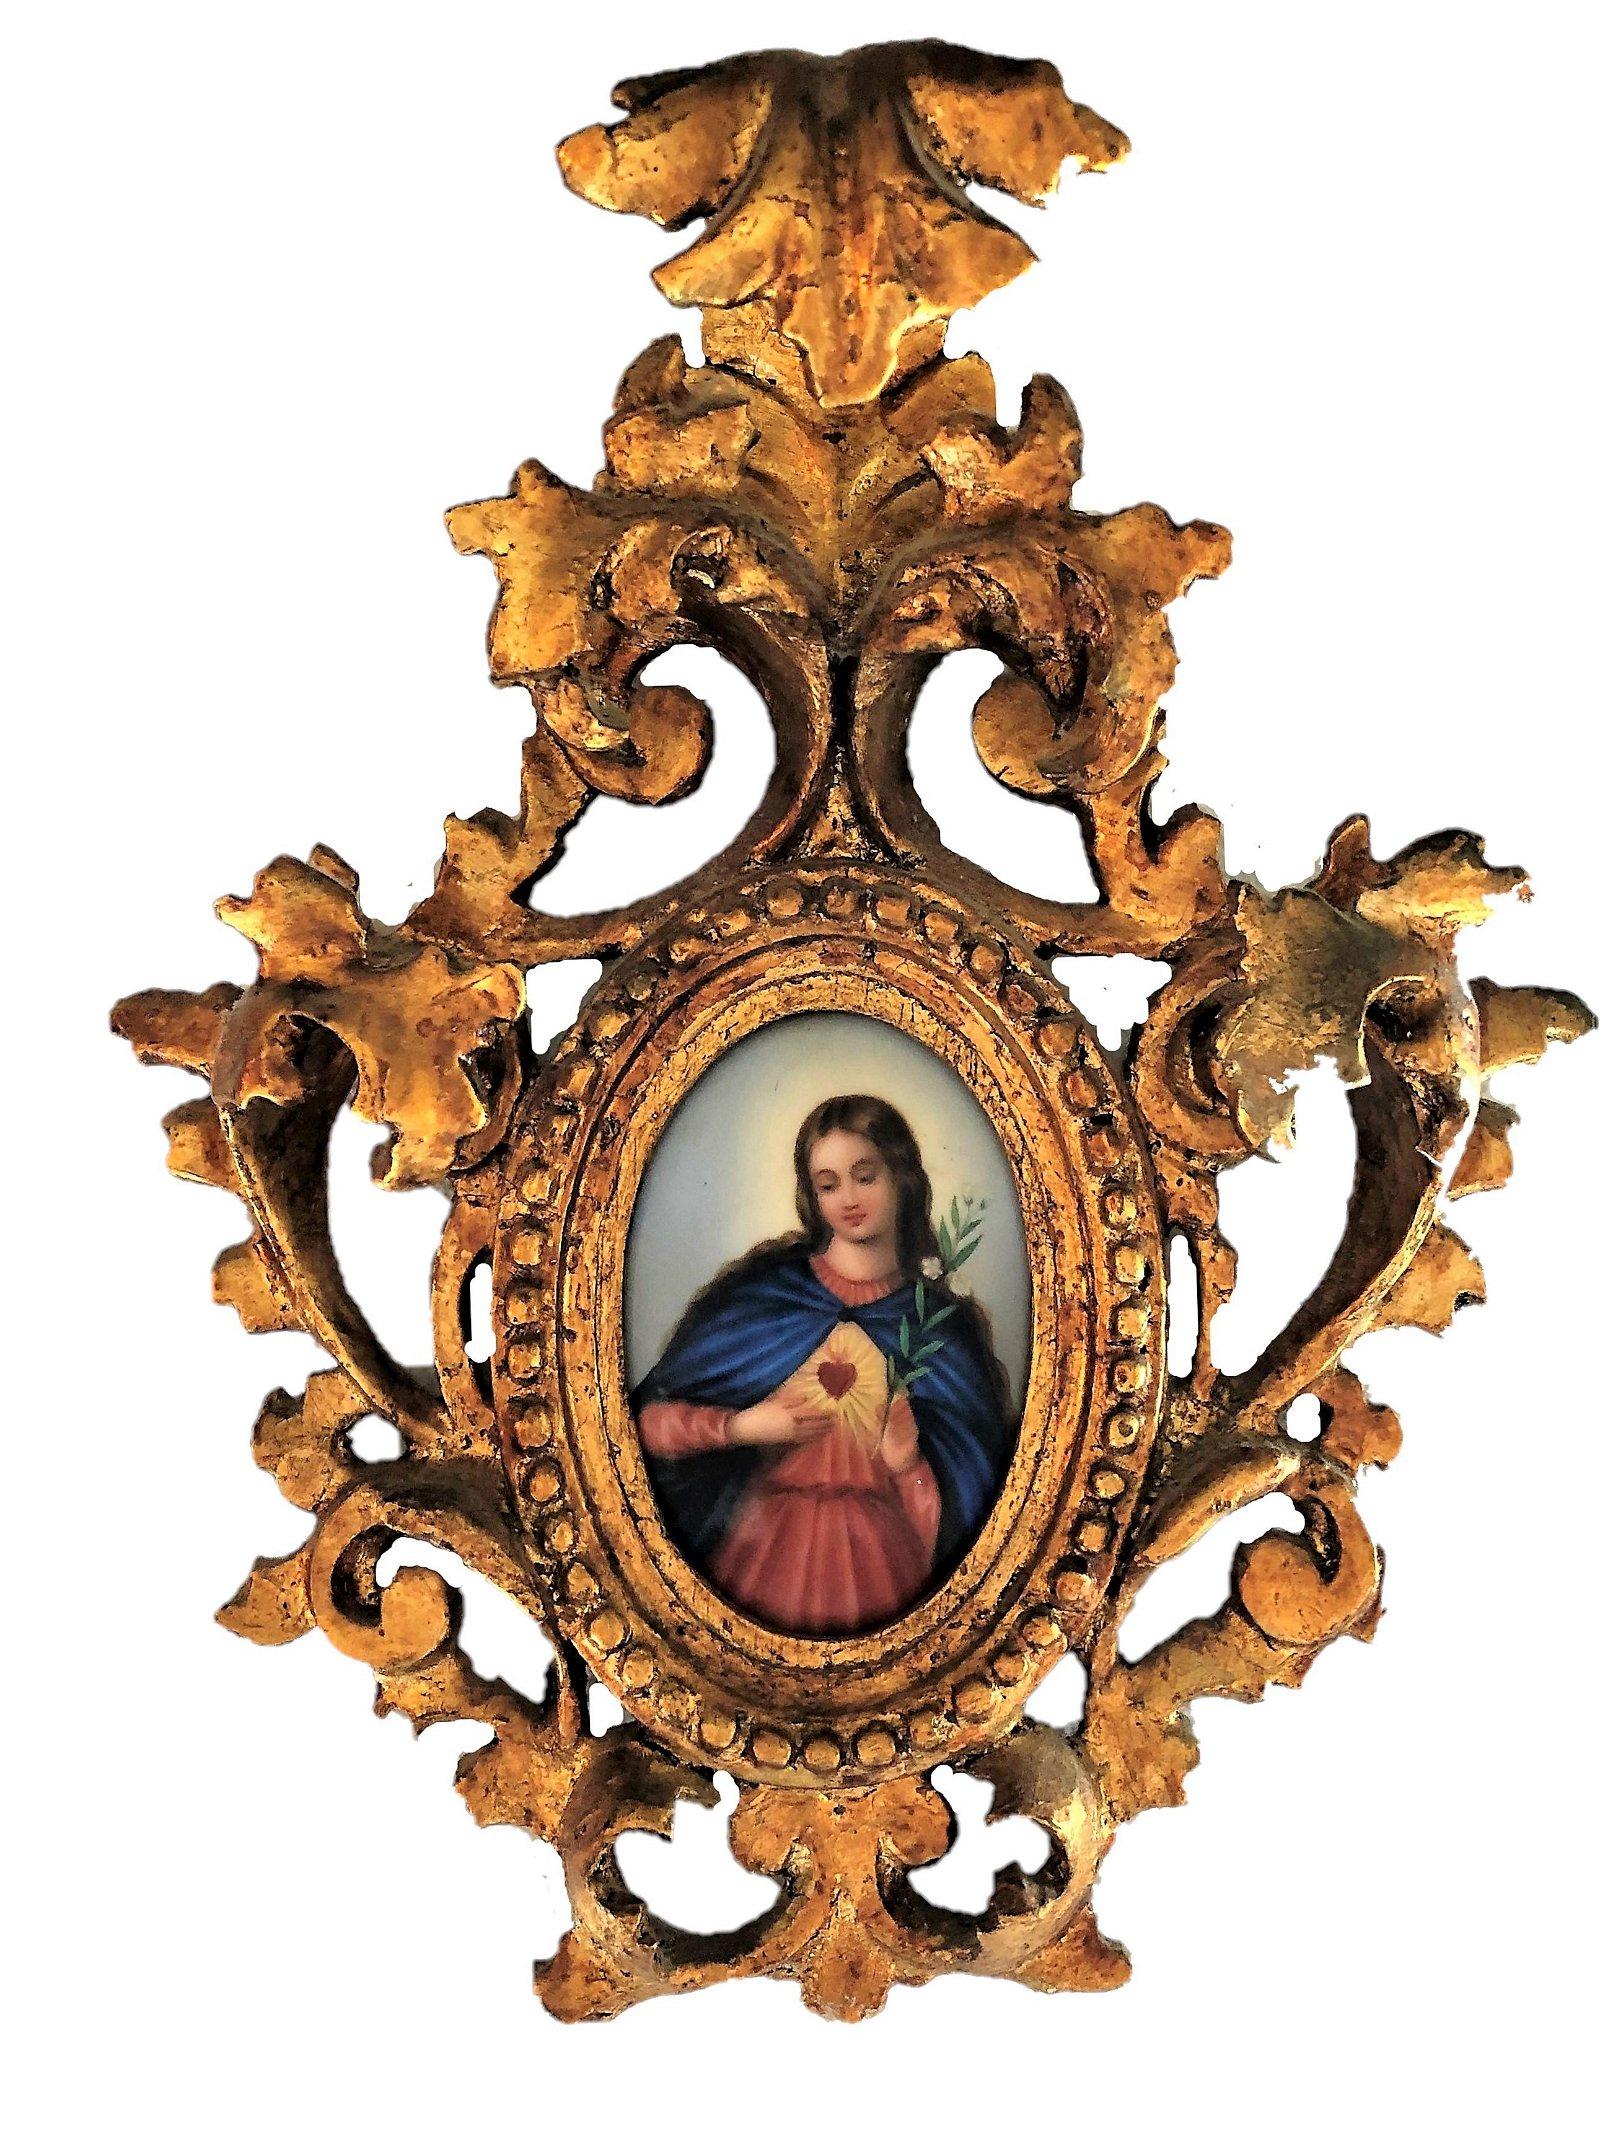 Antique Hand Painted Religious Porcelain Plaque.